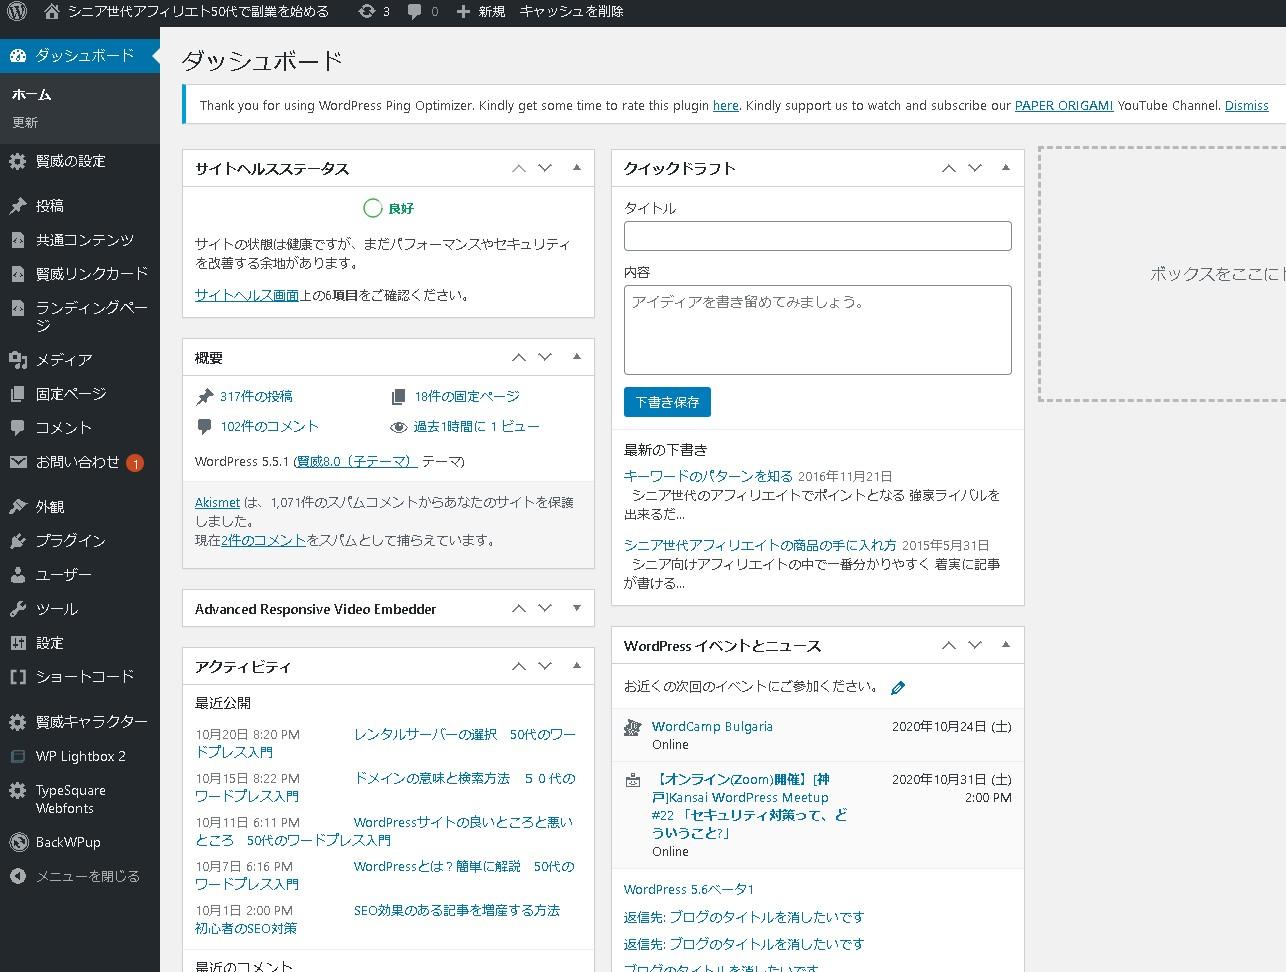 WordPress ダッシュボード2